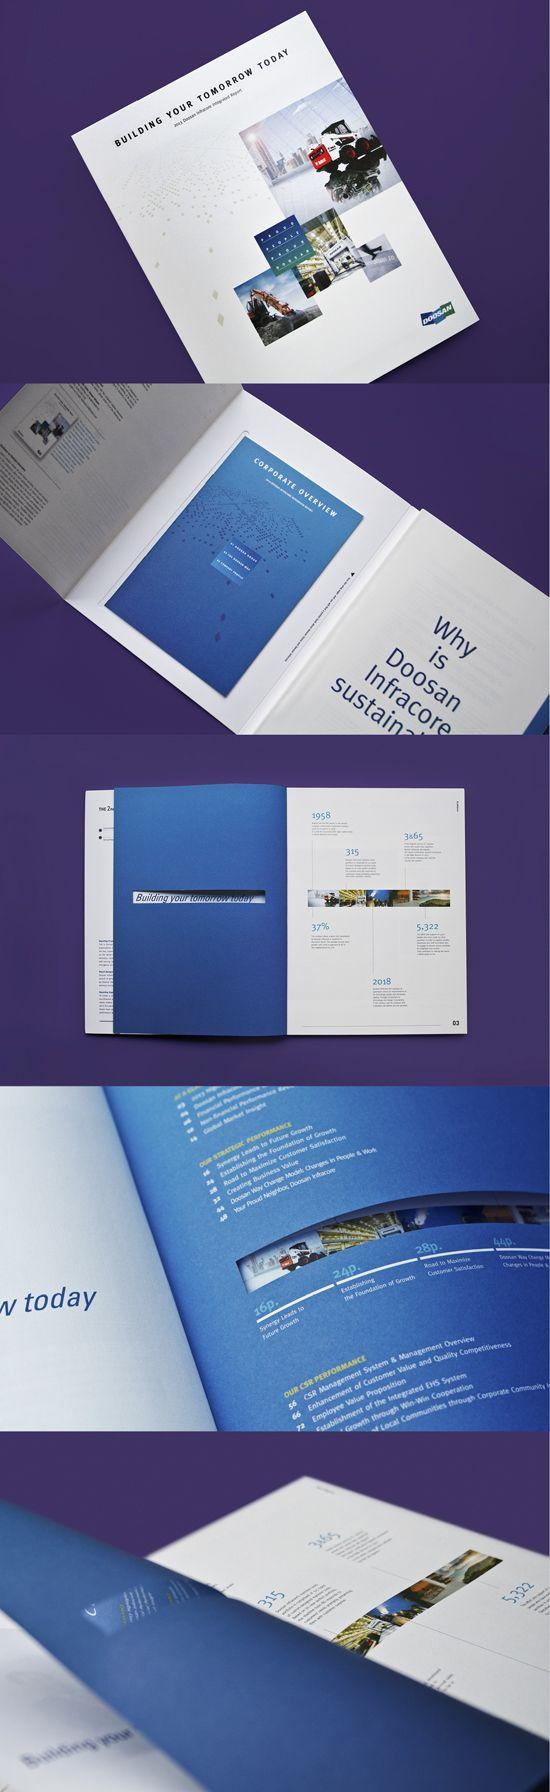 Doosan Infracore Integrated Report 2013